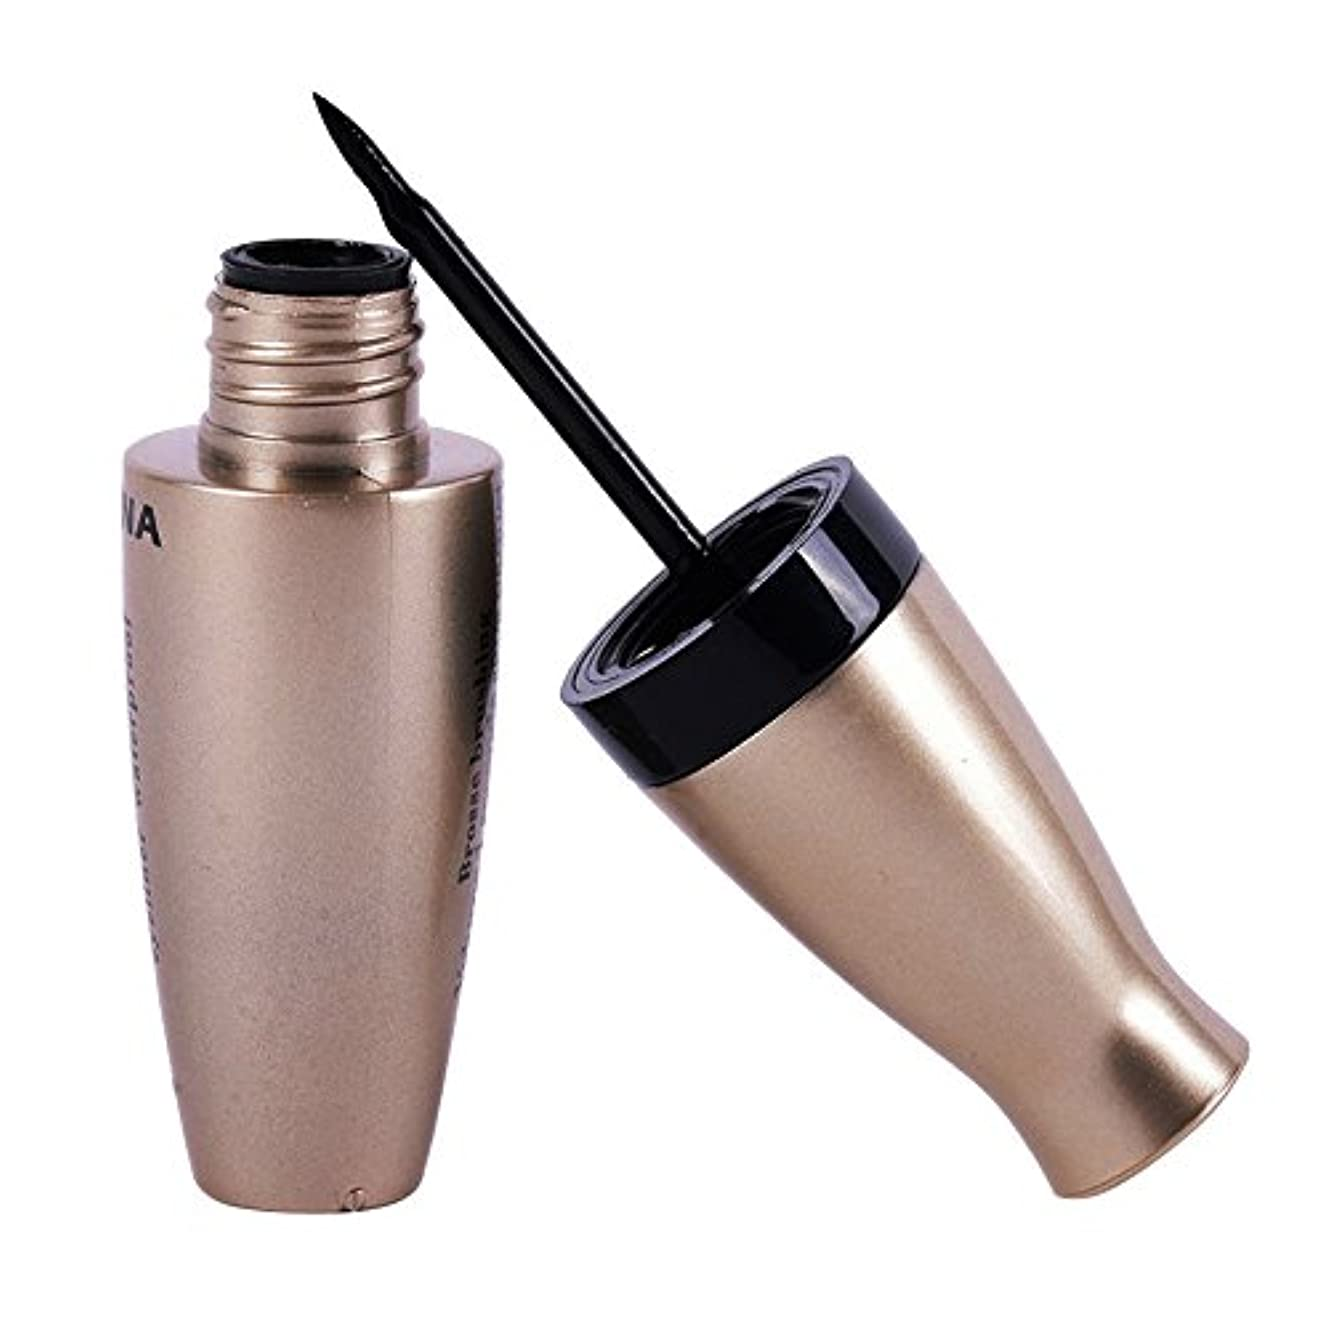 文句を言う霊取り扱い新しいアイライナー防水リキッドアイライナーペンシルペンメイクアップ美容化粧品